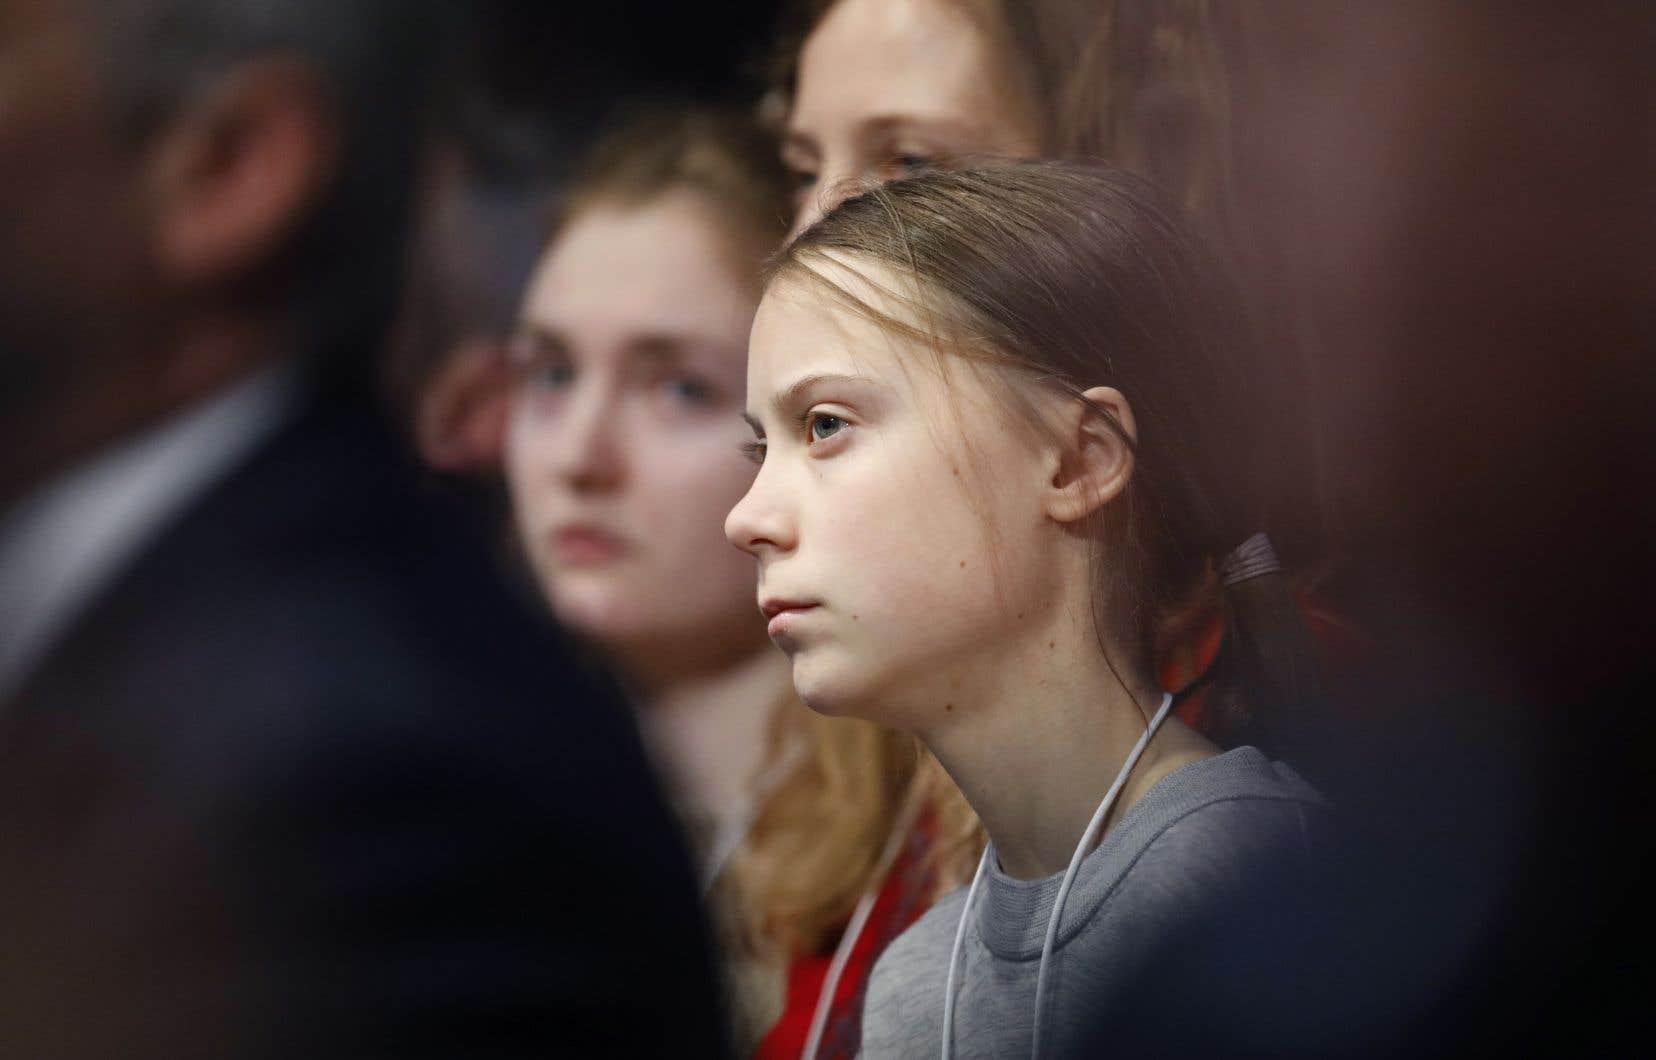 La militante Greta Thunberg continue de répéter qu'il est temps de «paniquer» parce que «la maison brûle».